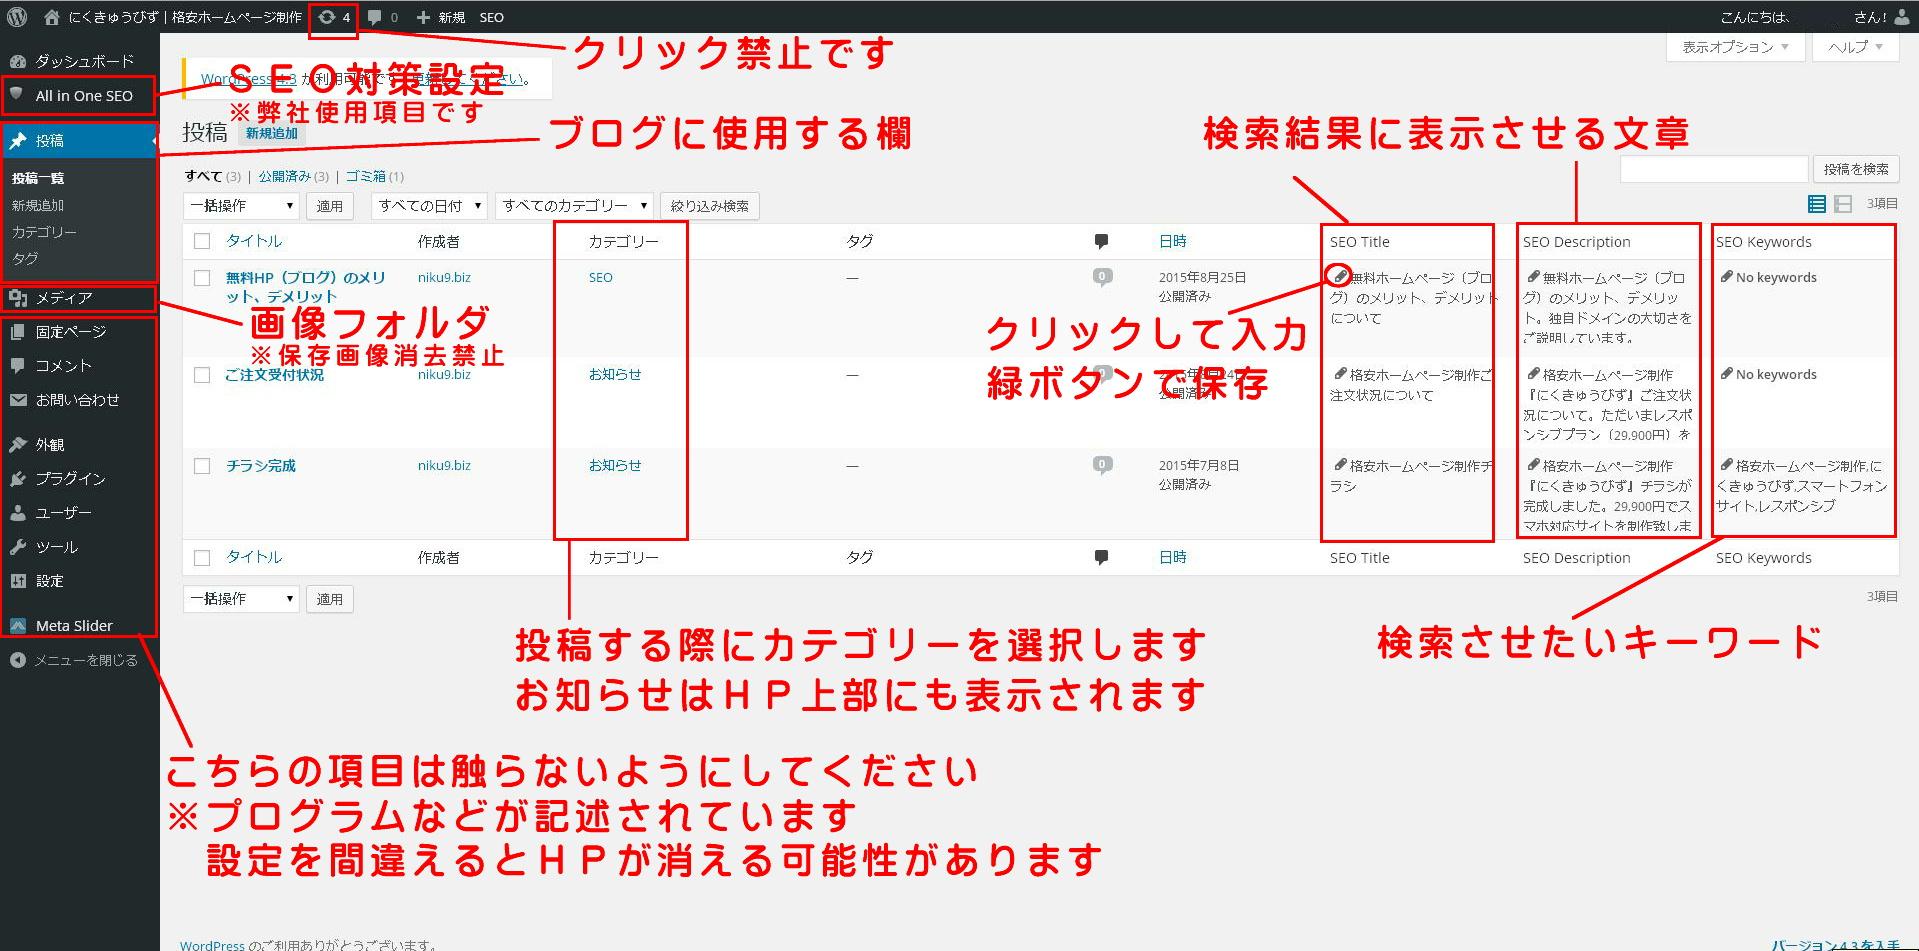 格安ホームページ 管理画面